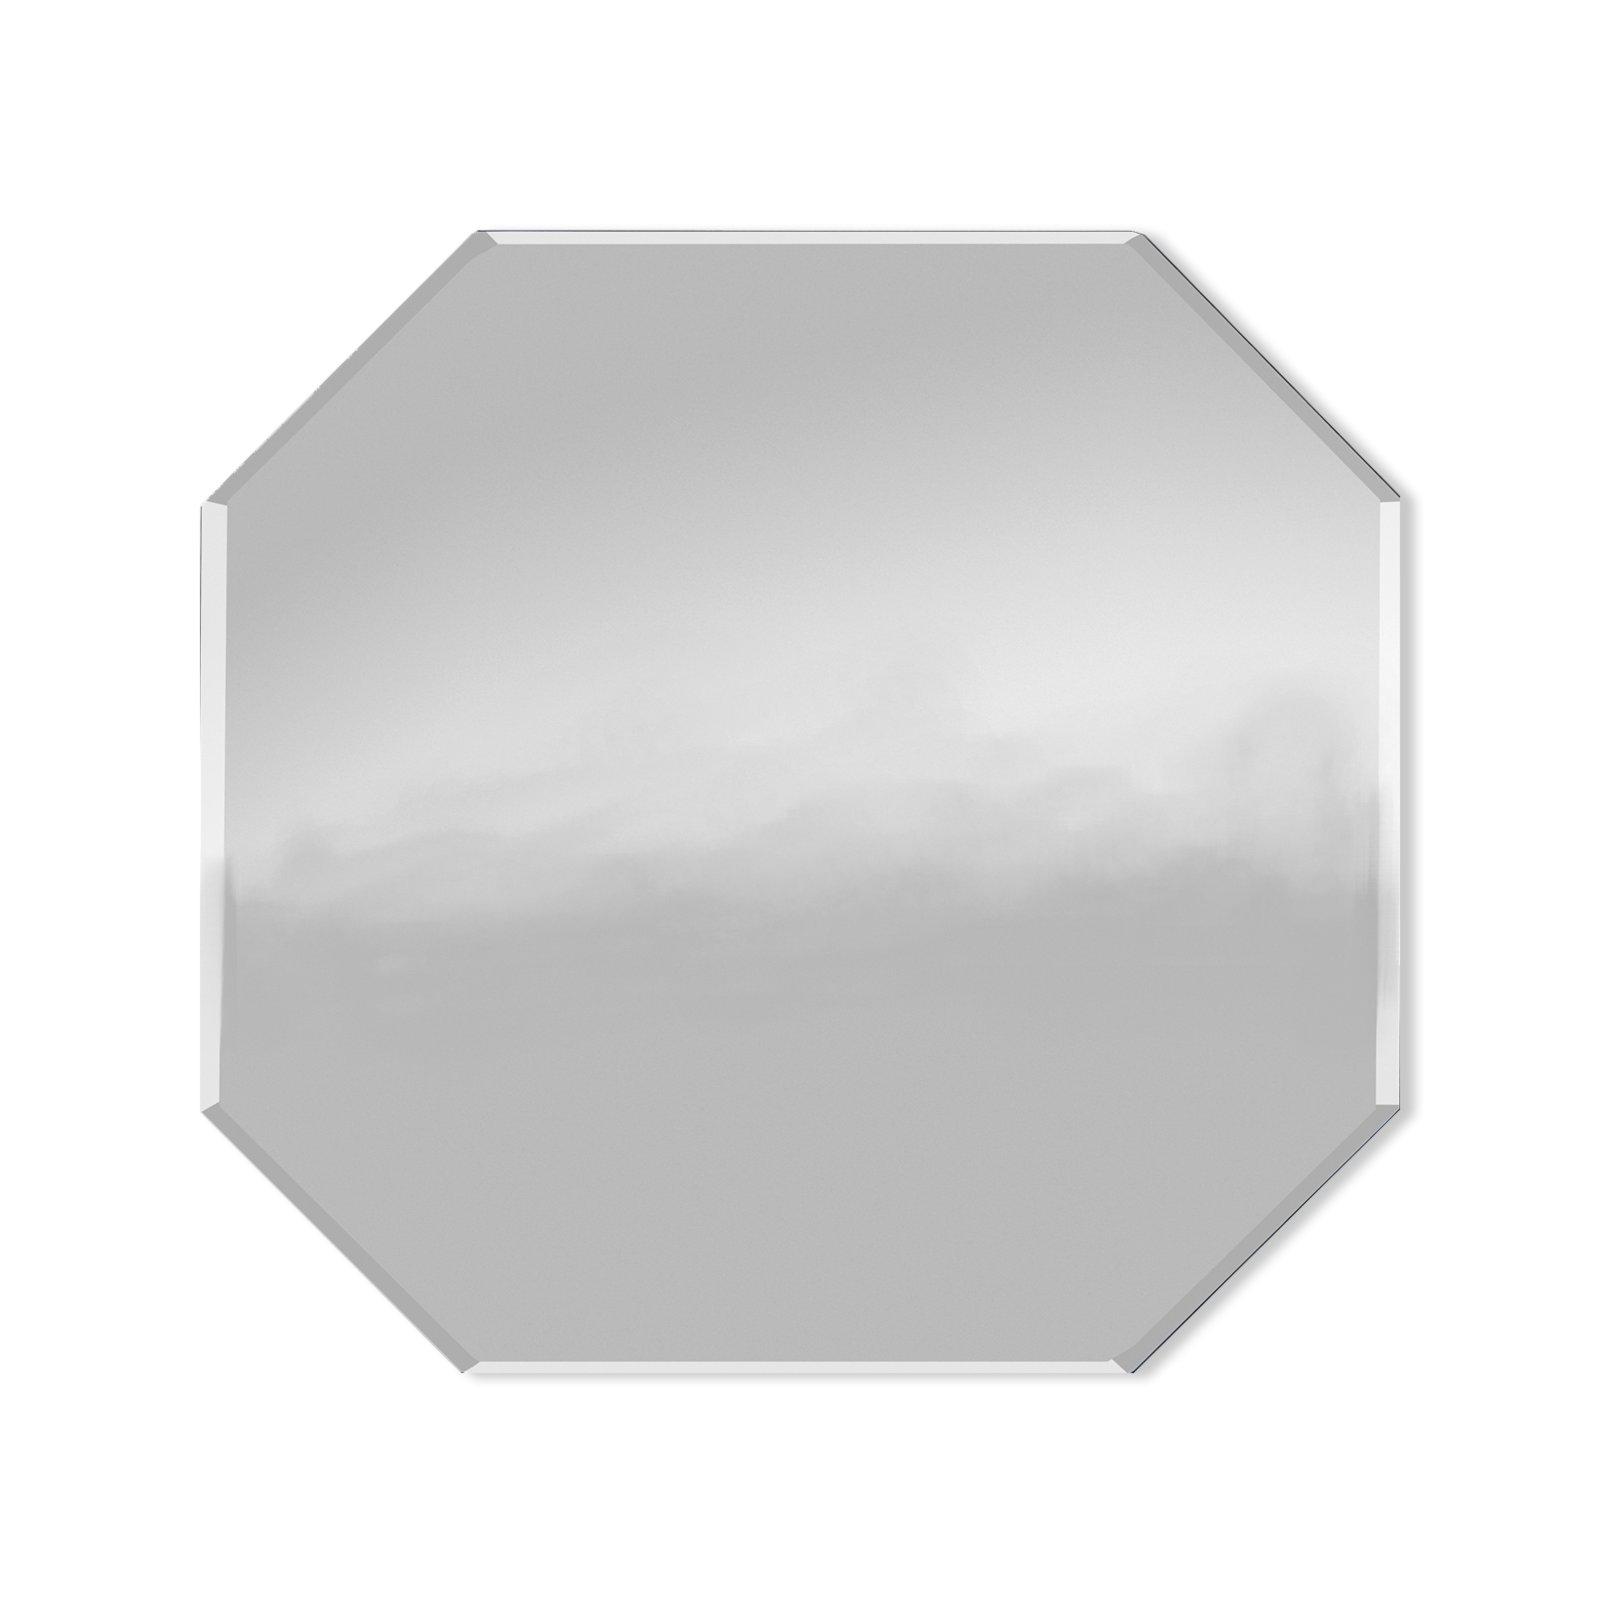 spiegel nick mit facettenschliff achteckig 50x50 cm wandspiegel spiegel deko. Black Bedroom Furniture Sets. Home Design Ideas